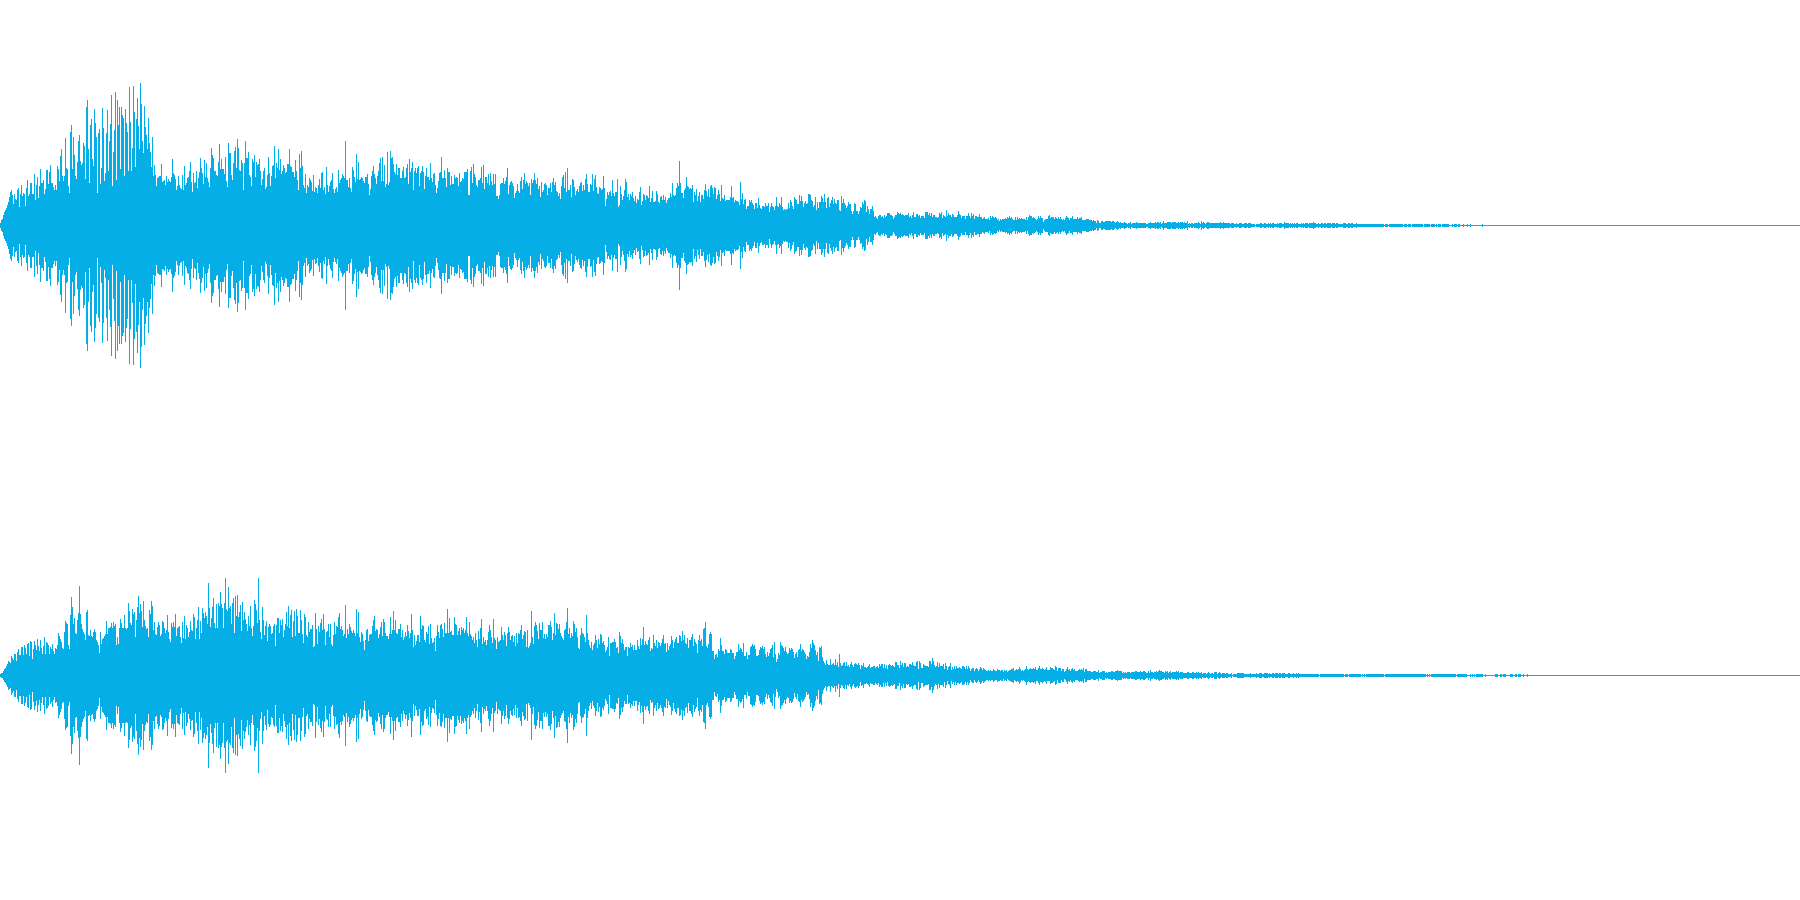 [ホワーン]回復魔法(暖かく優しい)の再生済みの波形